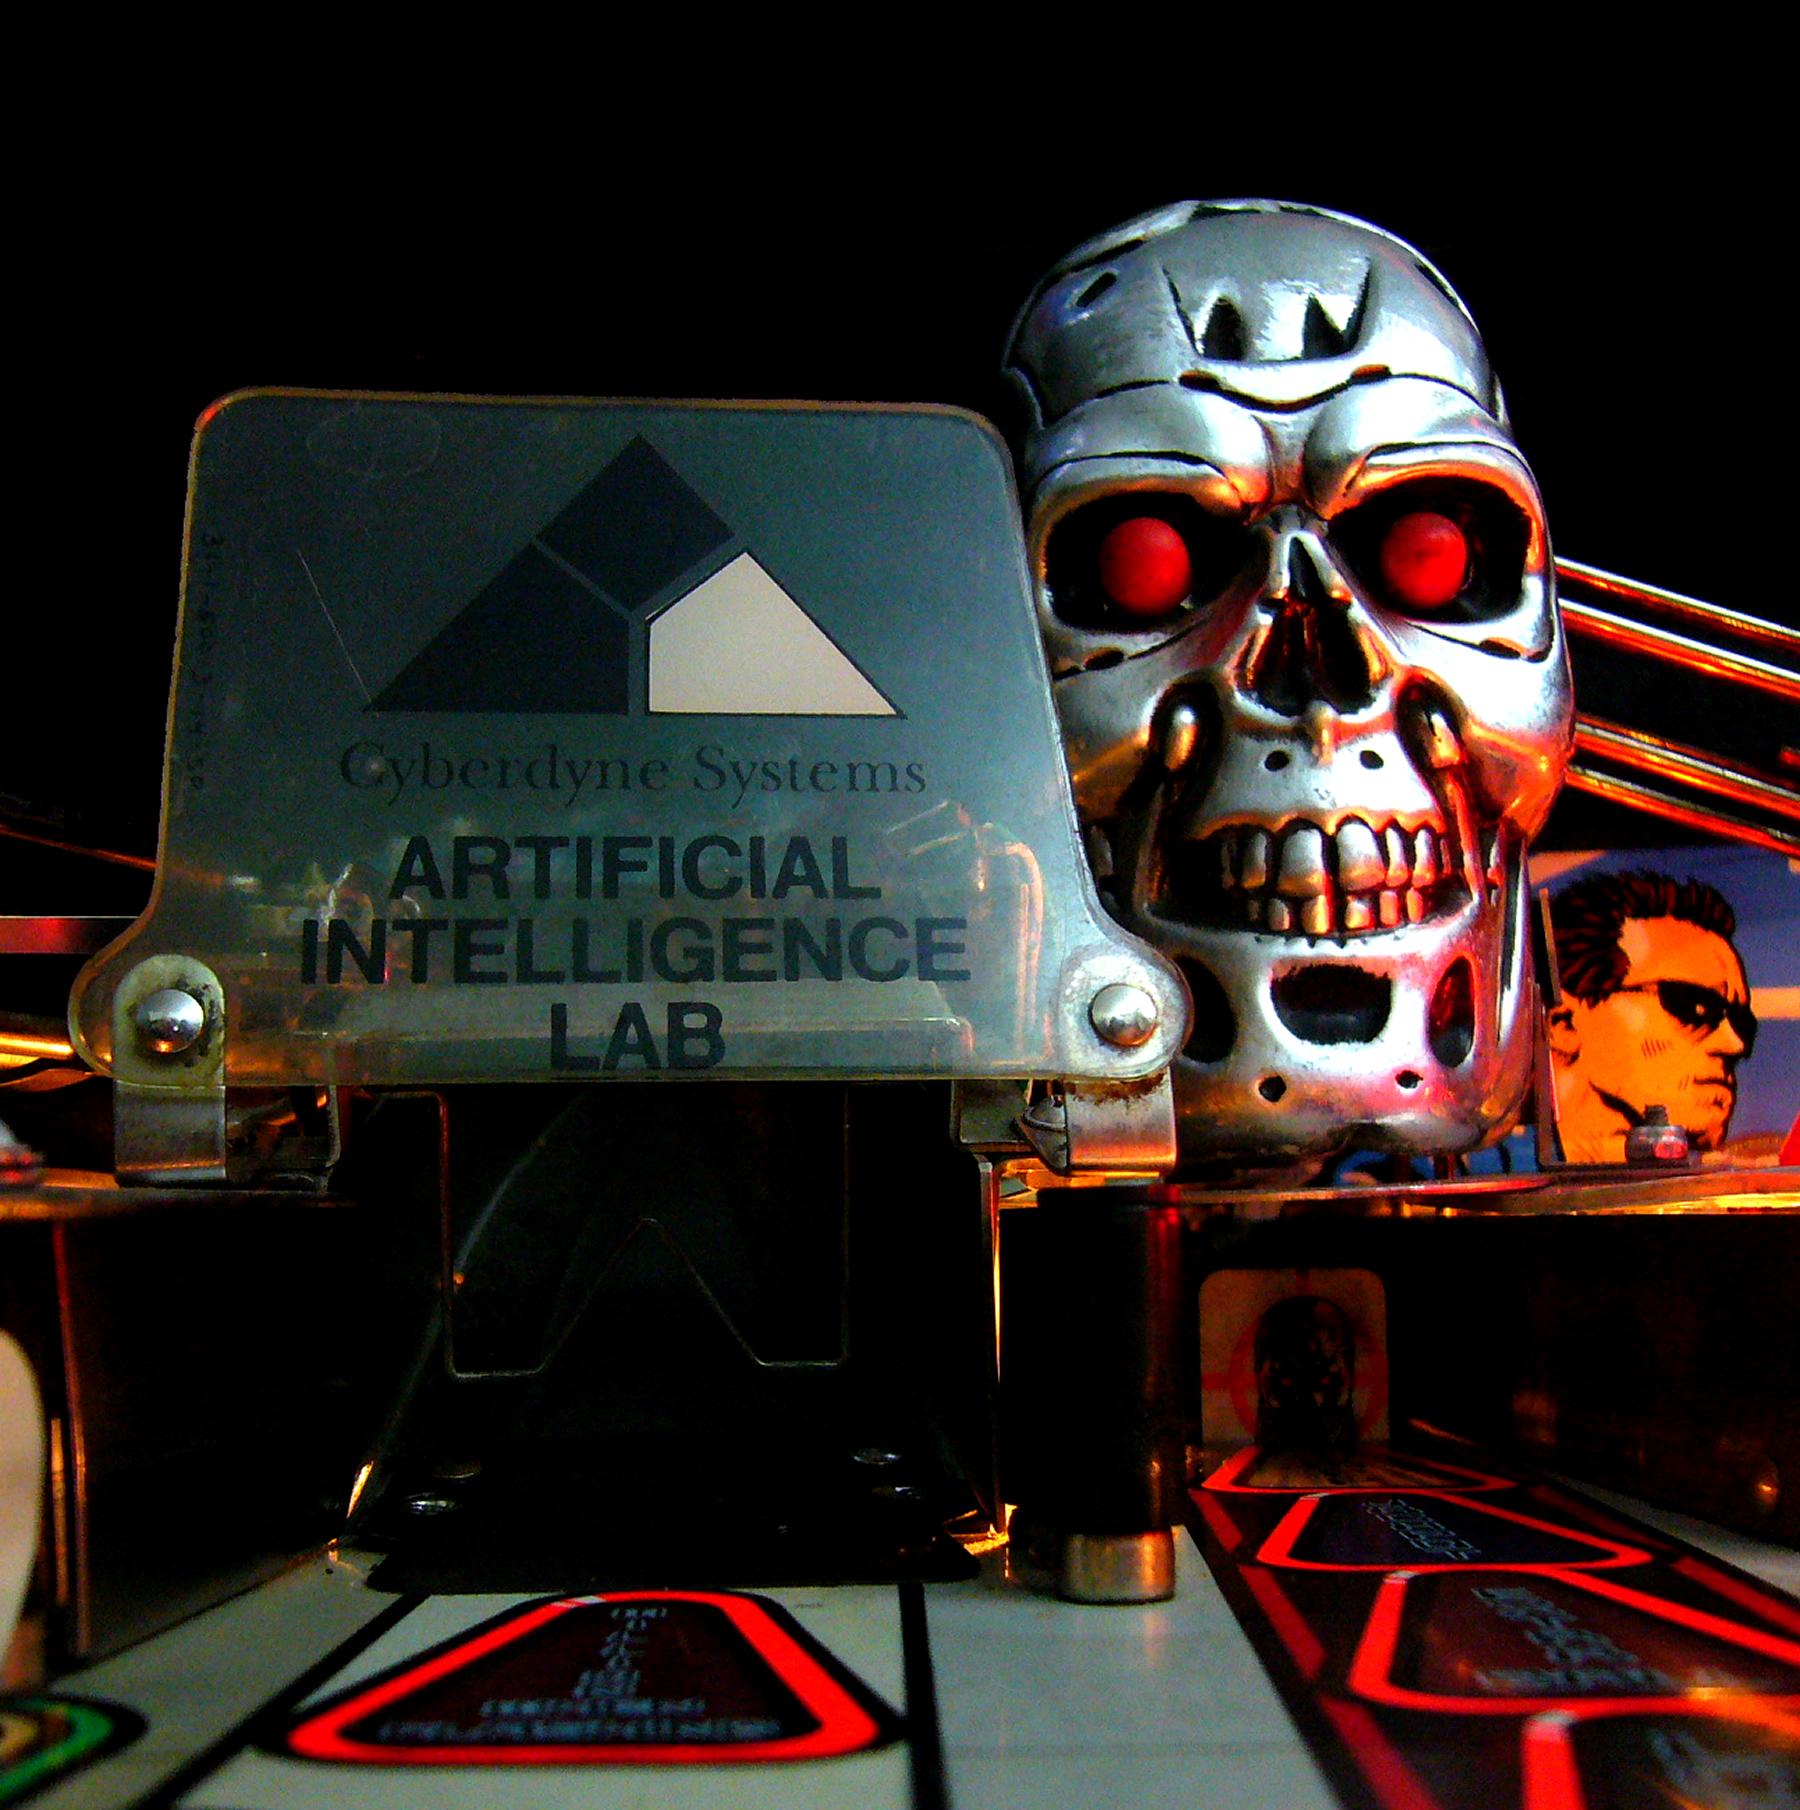 #3 SI Zagrożenie - Sztuczna inteligencja, inteligencja, zagrożenie, niebezpieczeństwo, mity